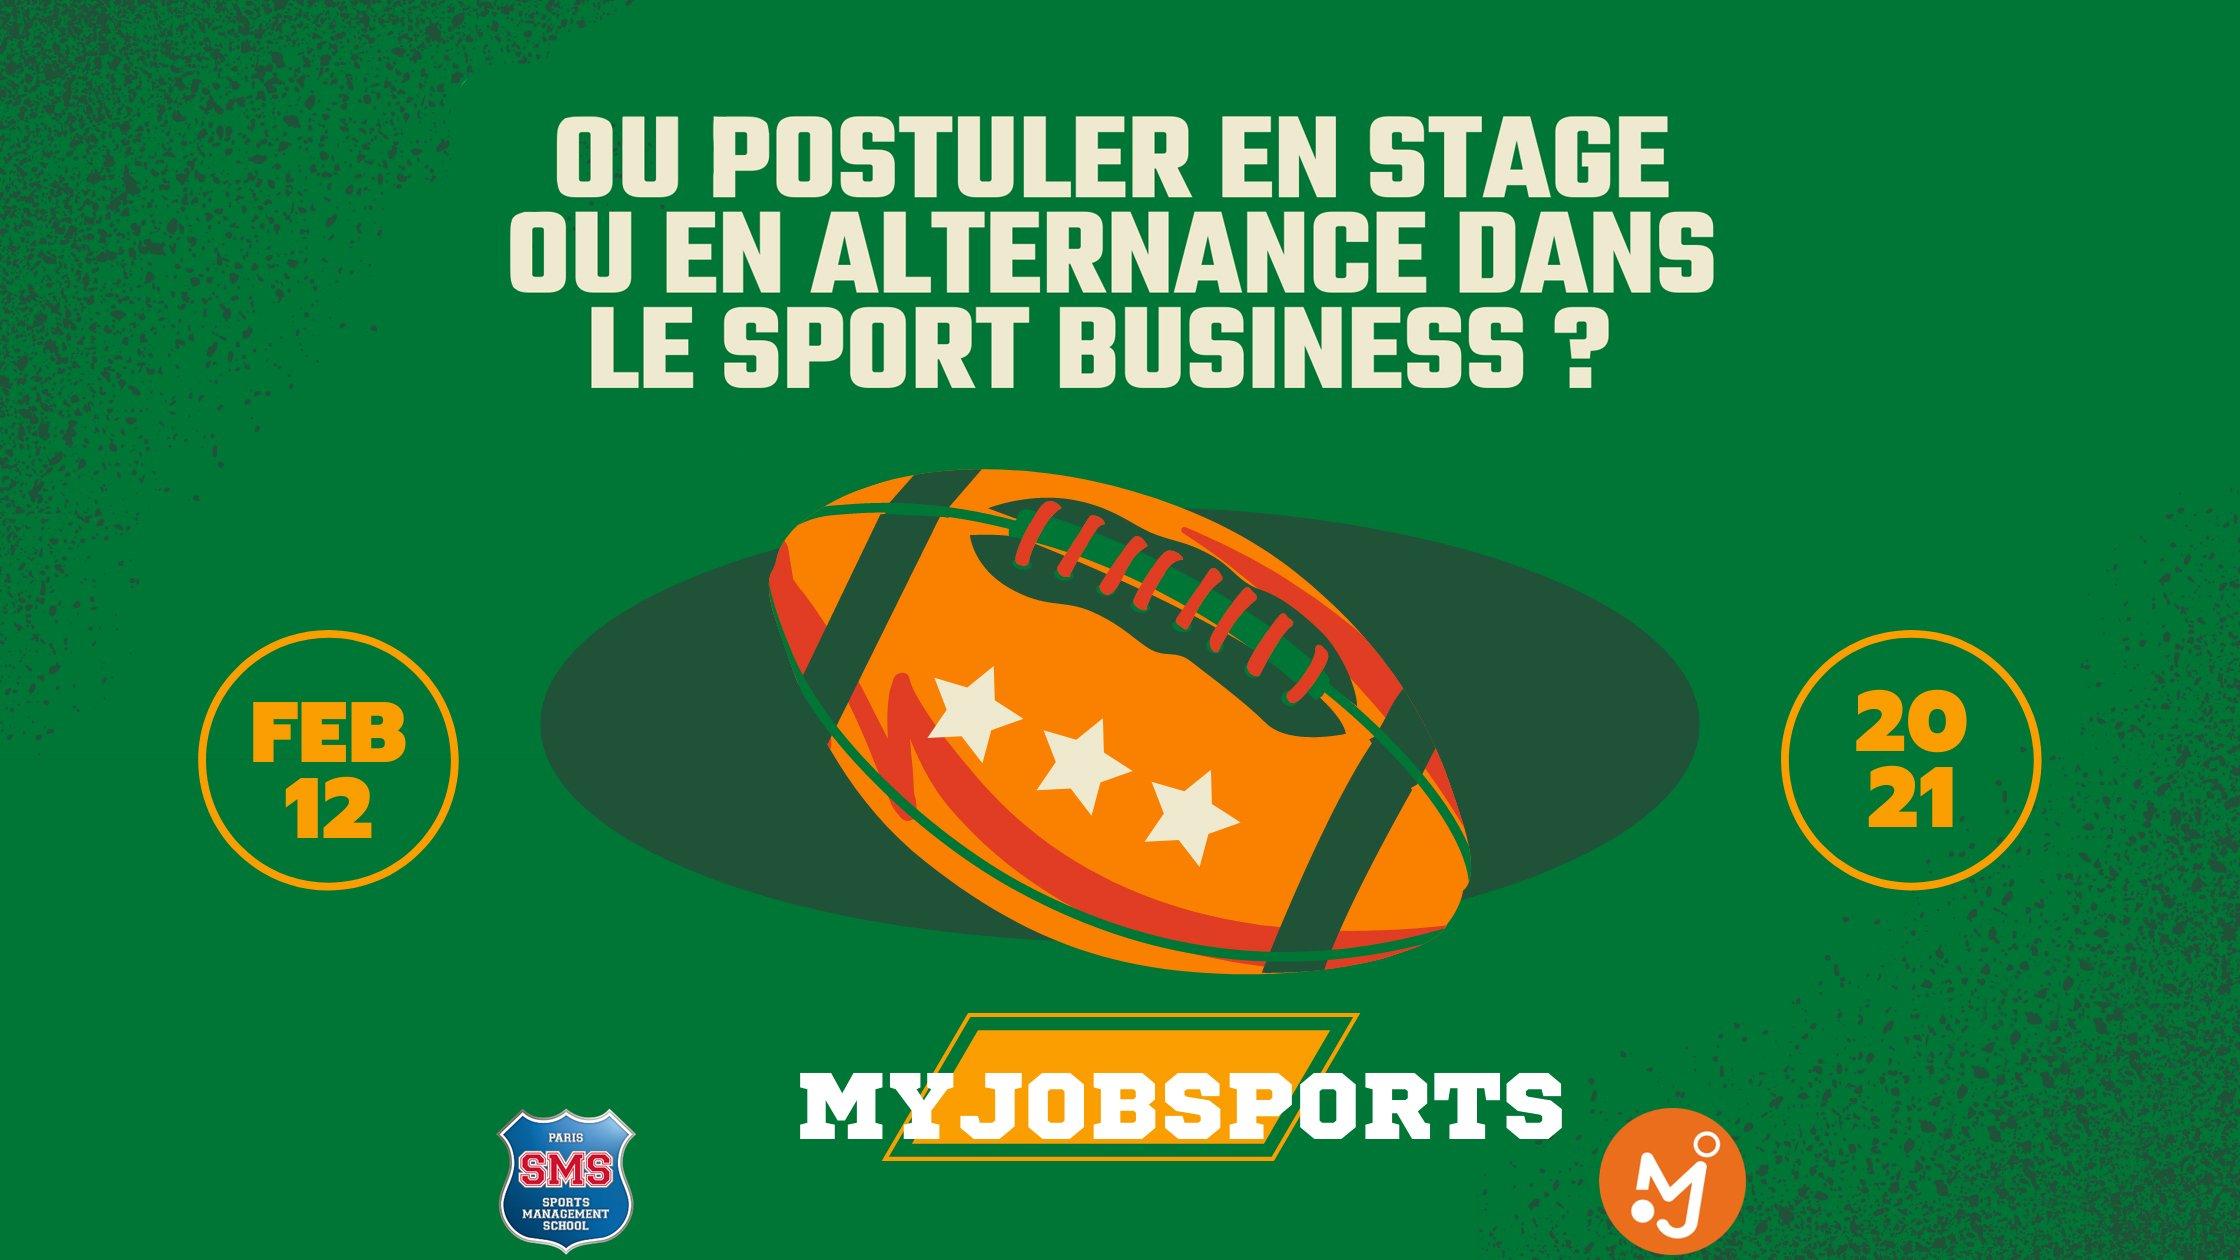 Où postuler en stage ou en alternance dans le sport business ?